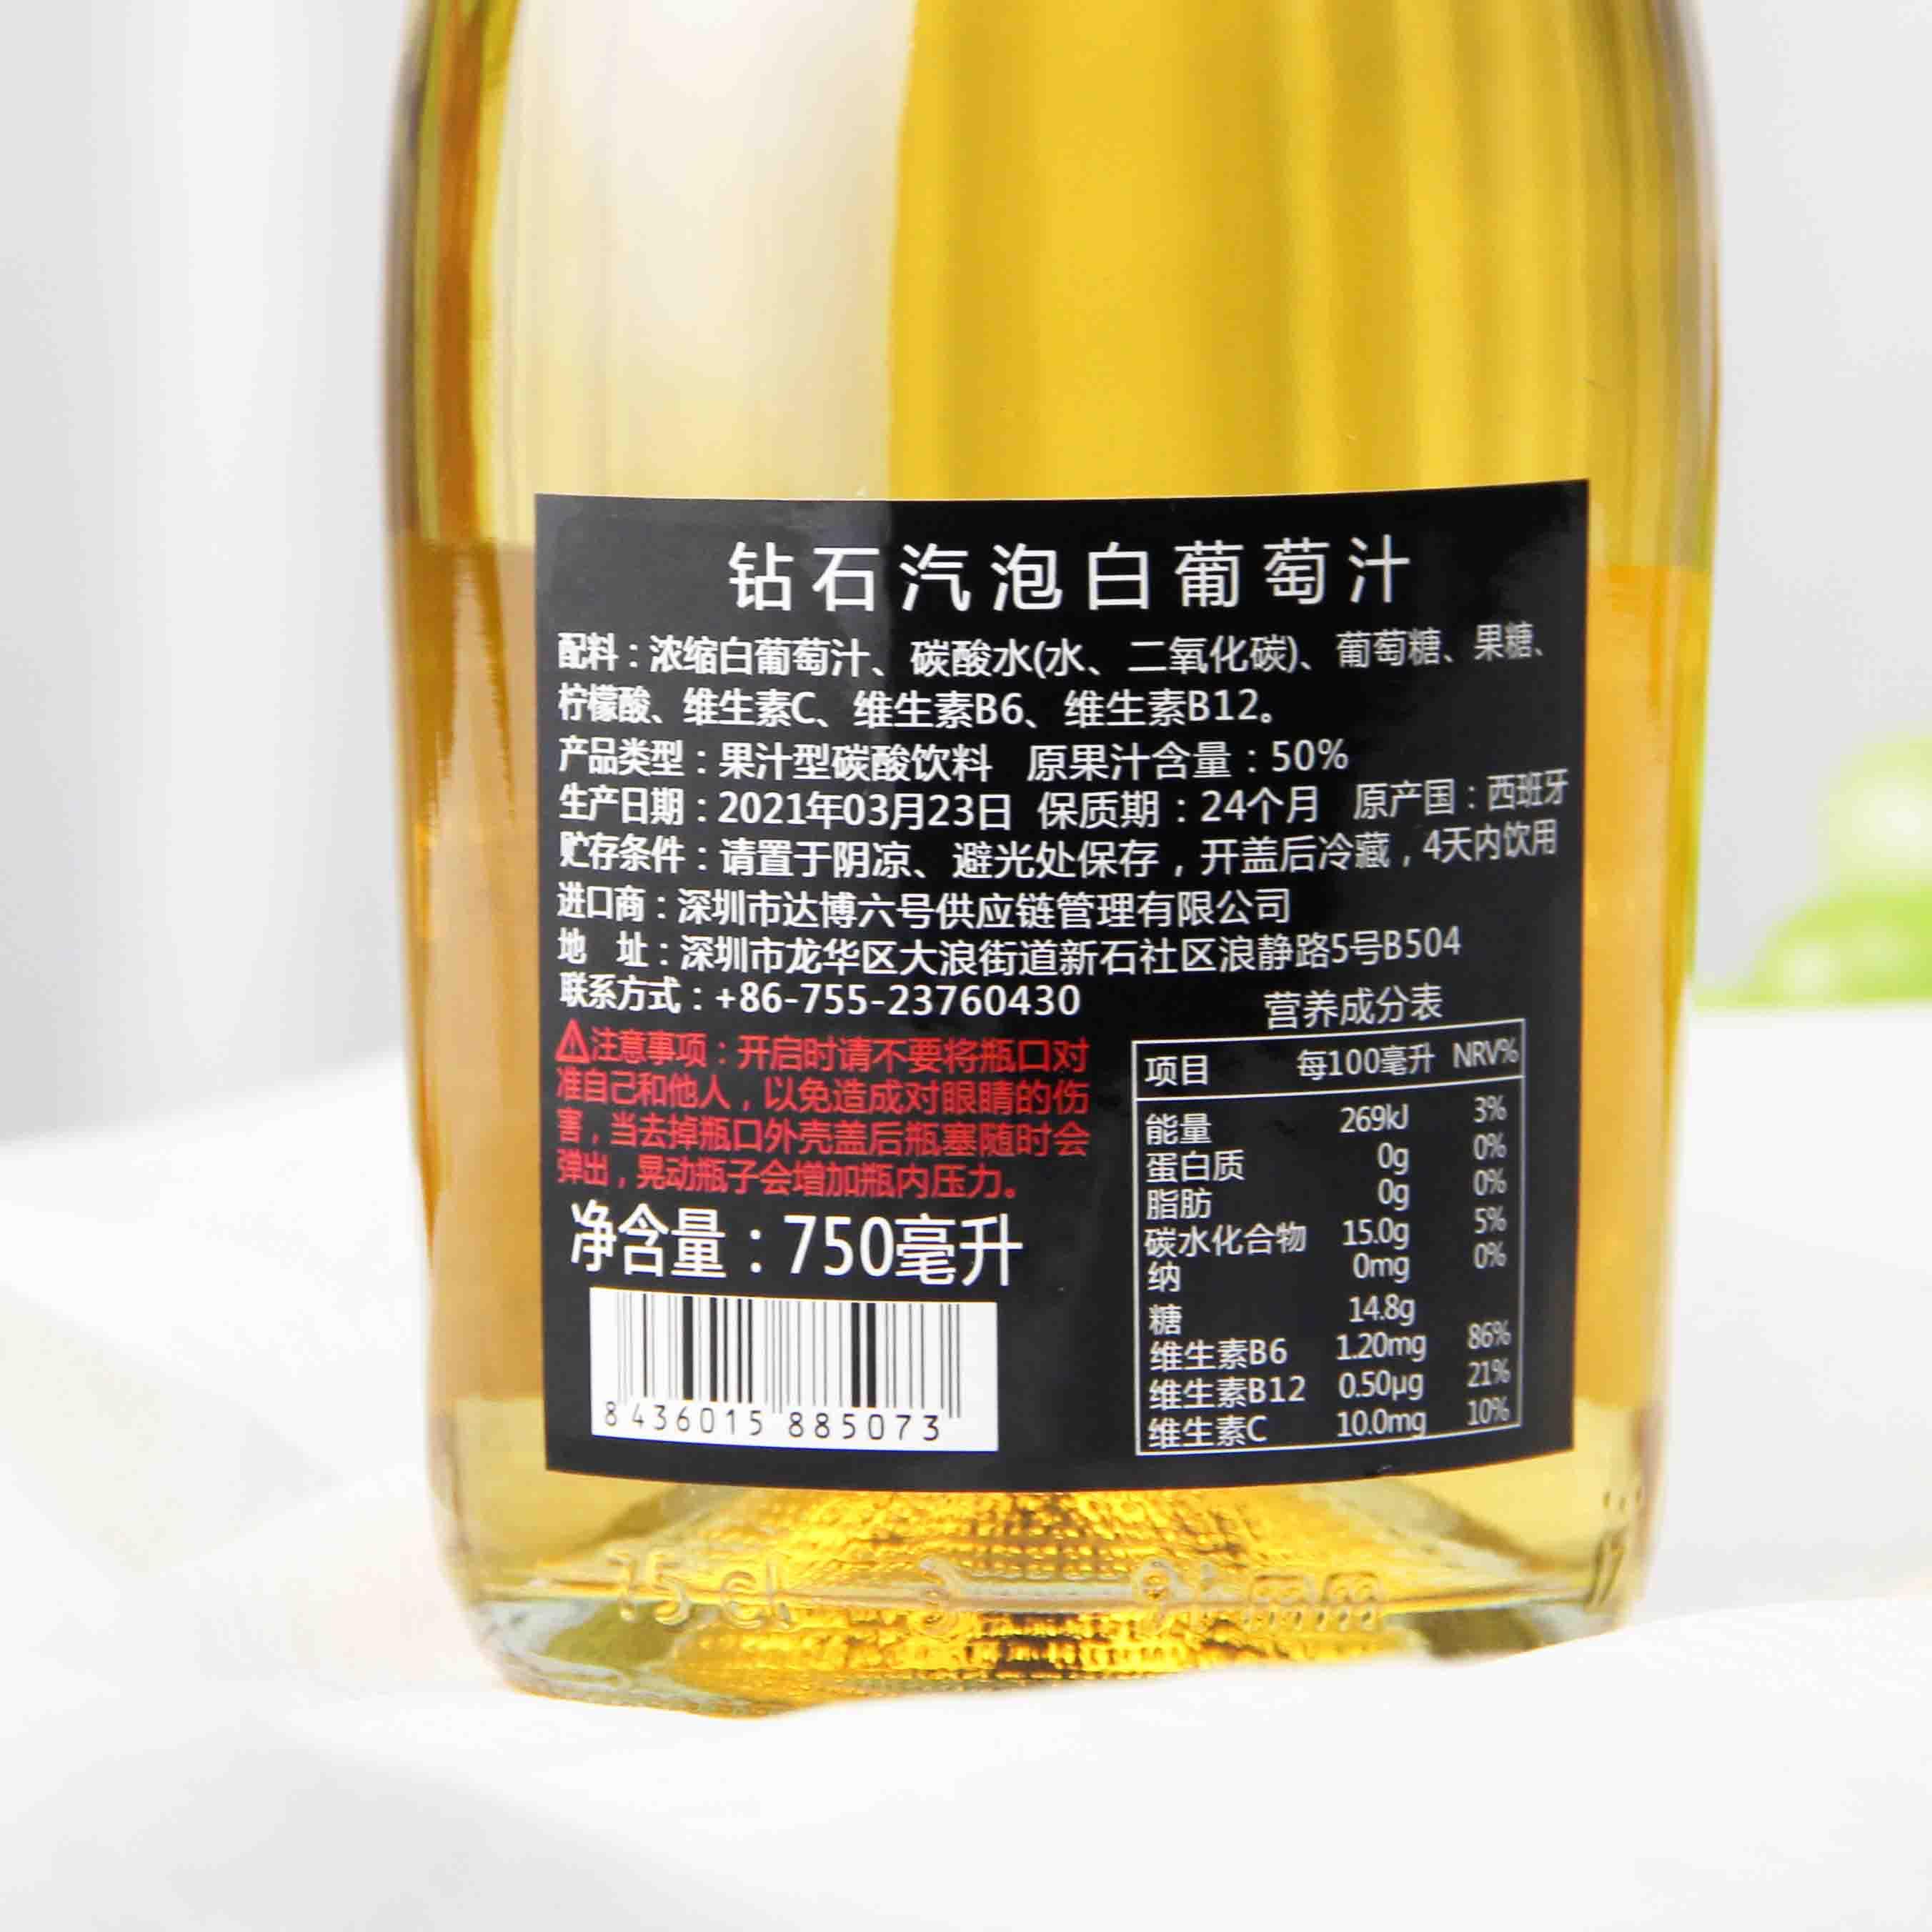 西班牙纳瓦拉钻石气泡白葡萄汁